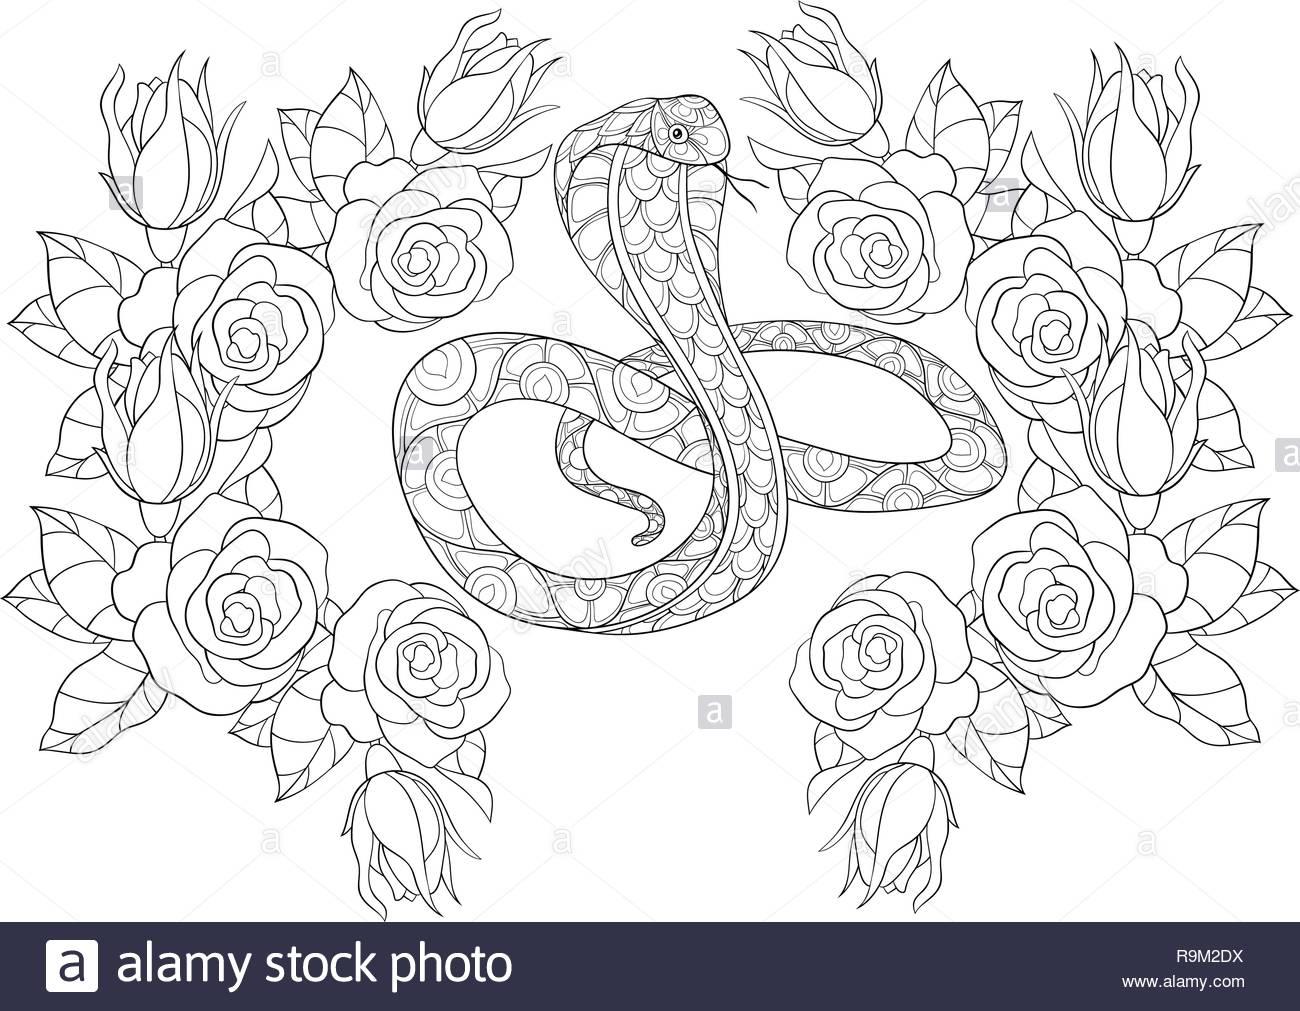 Una Linda Serpiente Con Ornamentos En Una Corona De Rosas Imagen